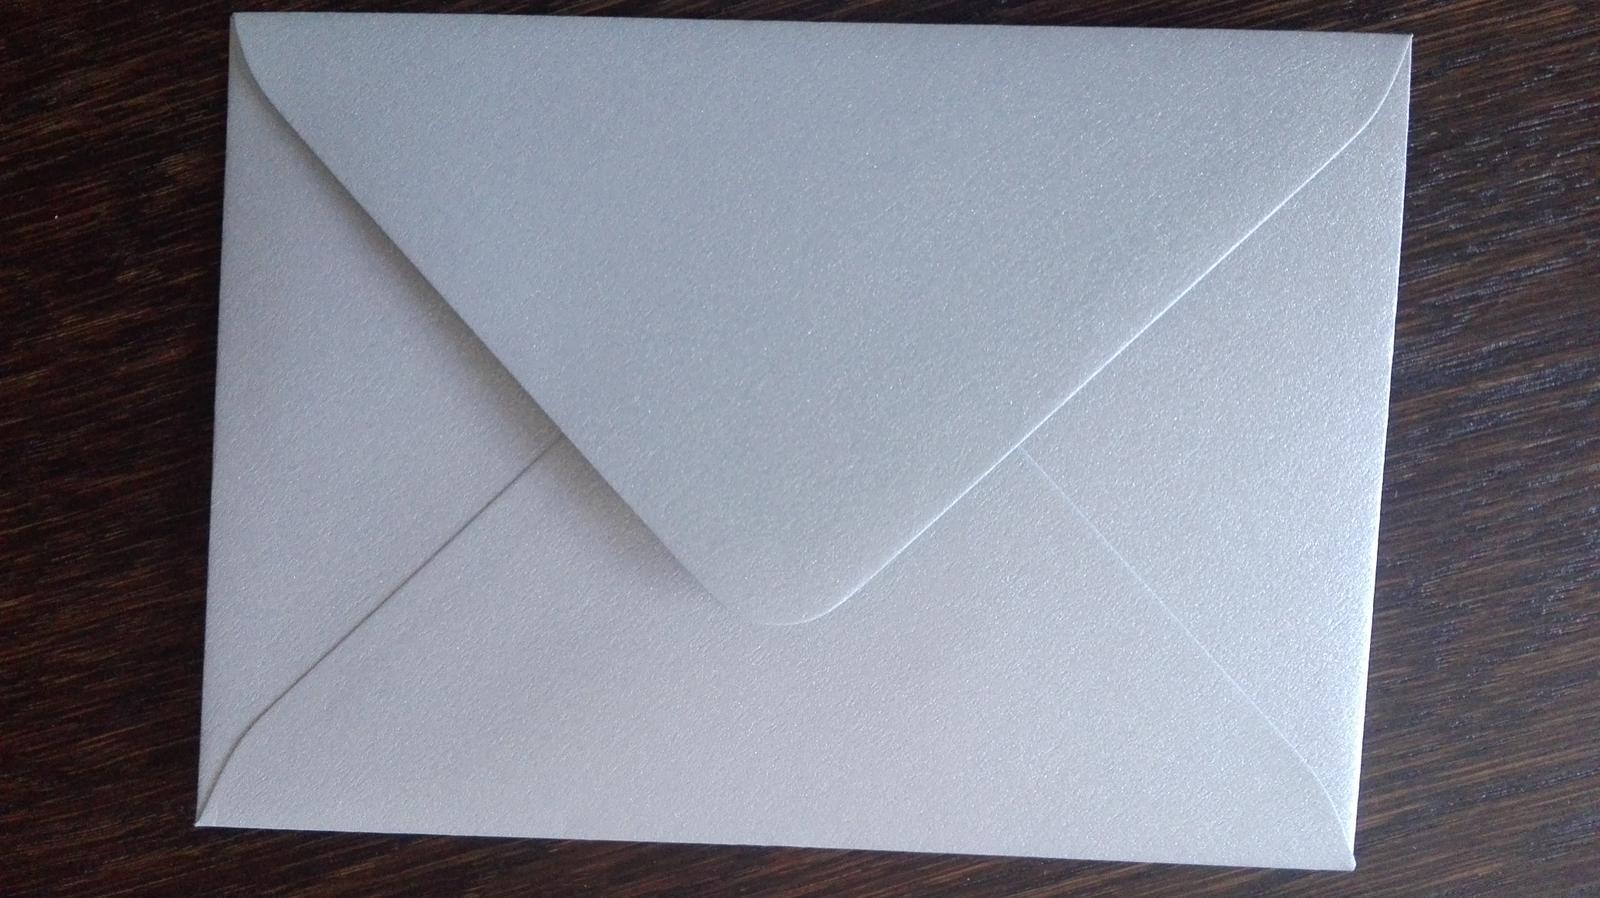 Strieborné obálky na oznámenia - Obrázok č. 1